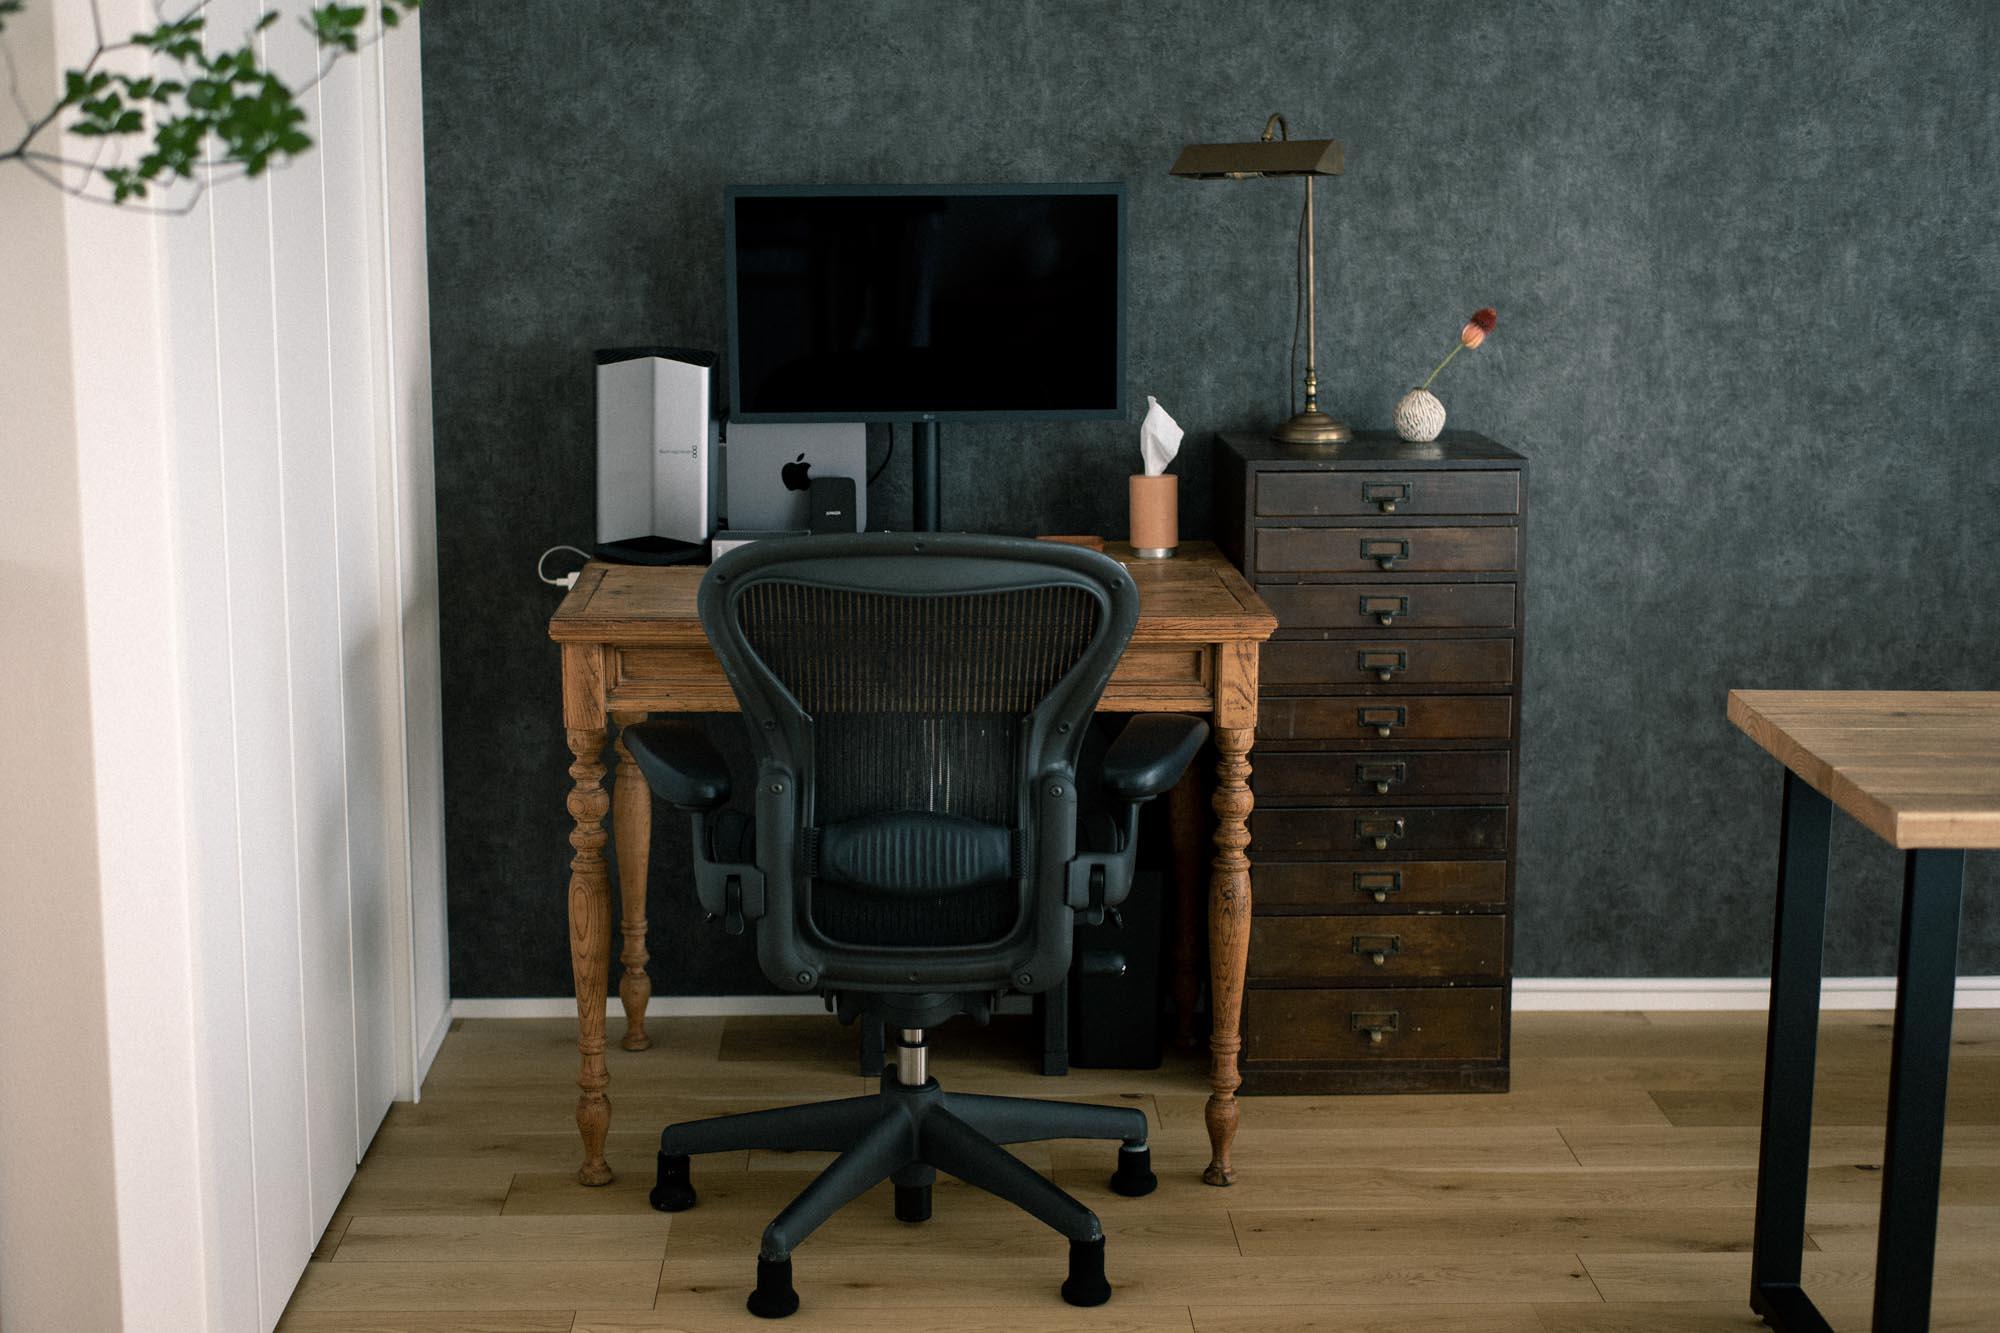 部屋の隅にあるワークデスクはアンティーク。足のデザインも、大量生産の家具ではなかなか味わえない、個性的なデザインになっています。デスクとの雰囲気に合わせて、棚や照明の家具も揃えられていて、机に向かう時間に落ち着きを与えてくれそう。